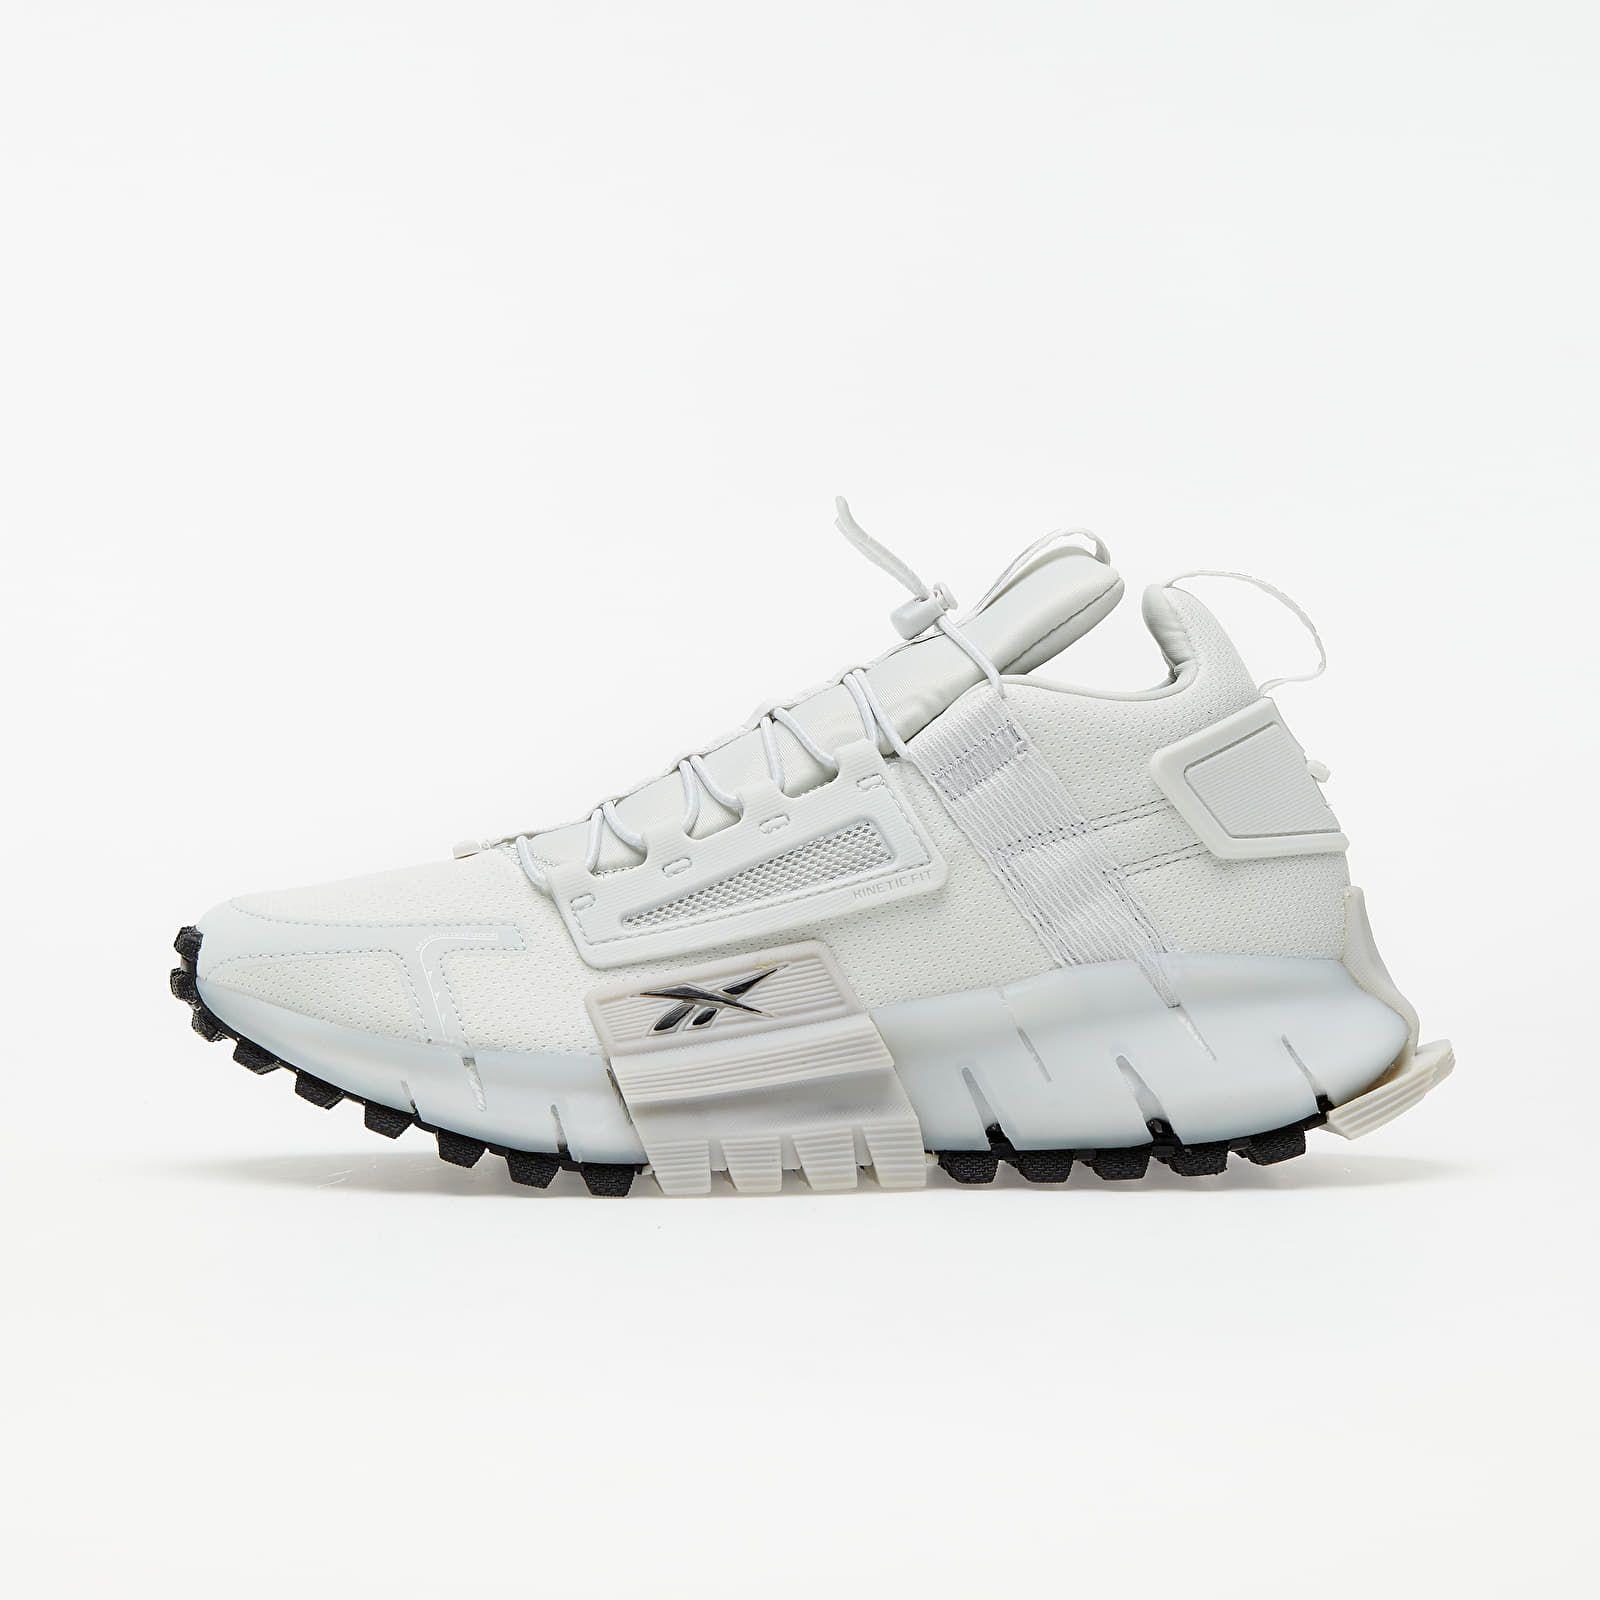 Vybrali sme to najlepšie z kolekcií jeseň/zima 2020 od značiek ako The North Face, Helly Hansen, Nike či adidas